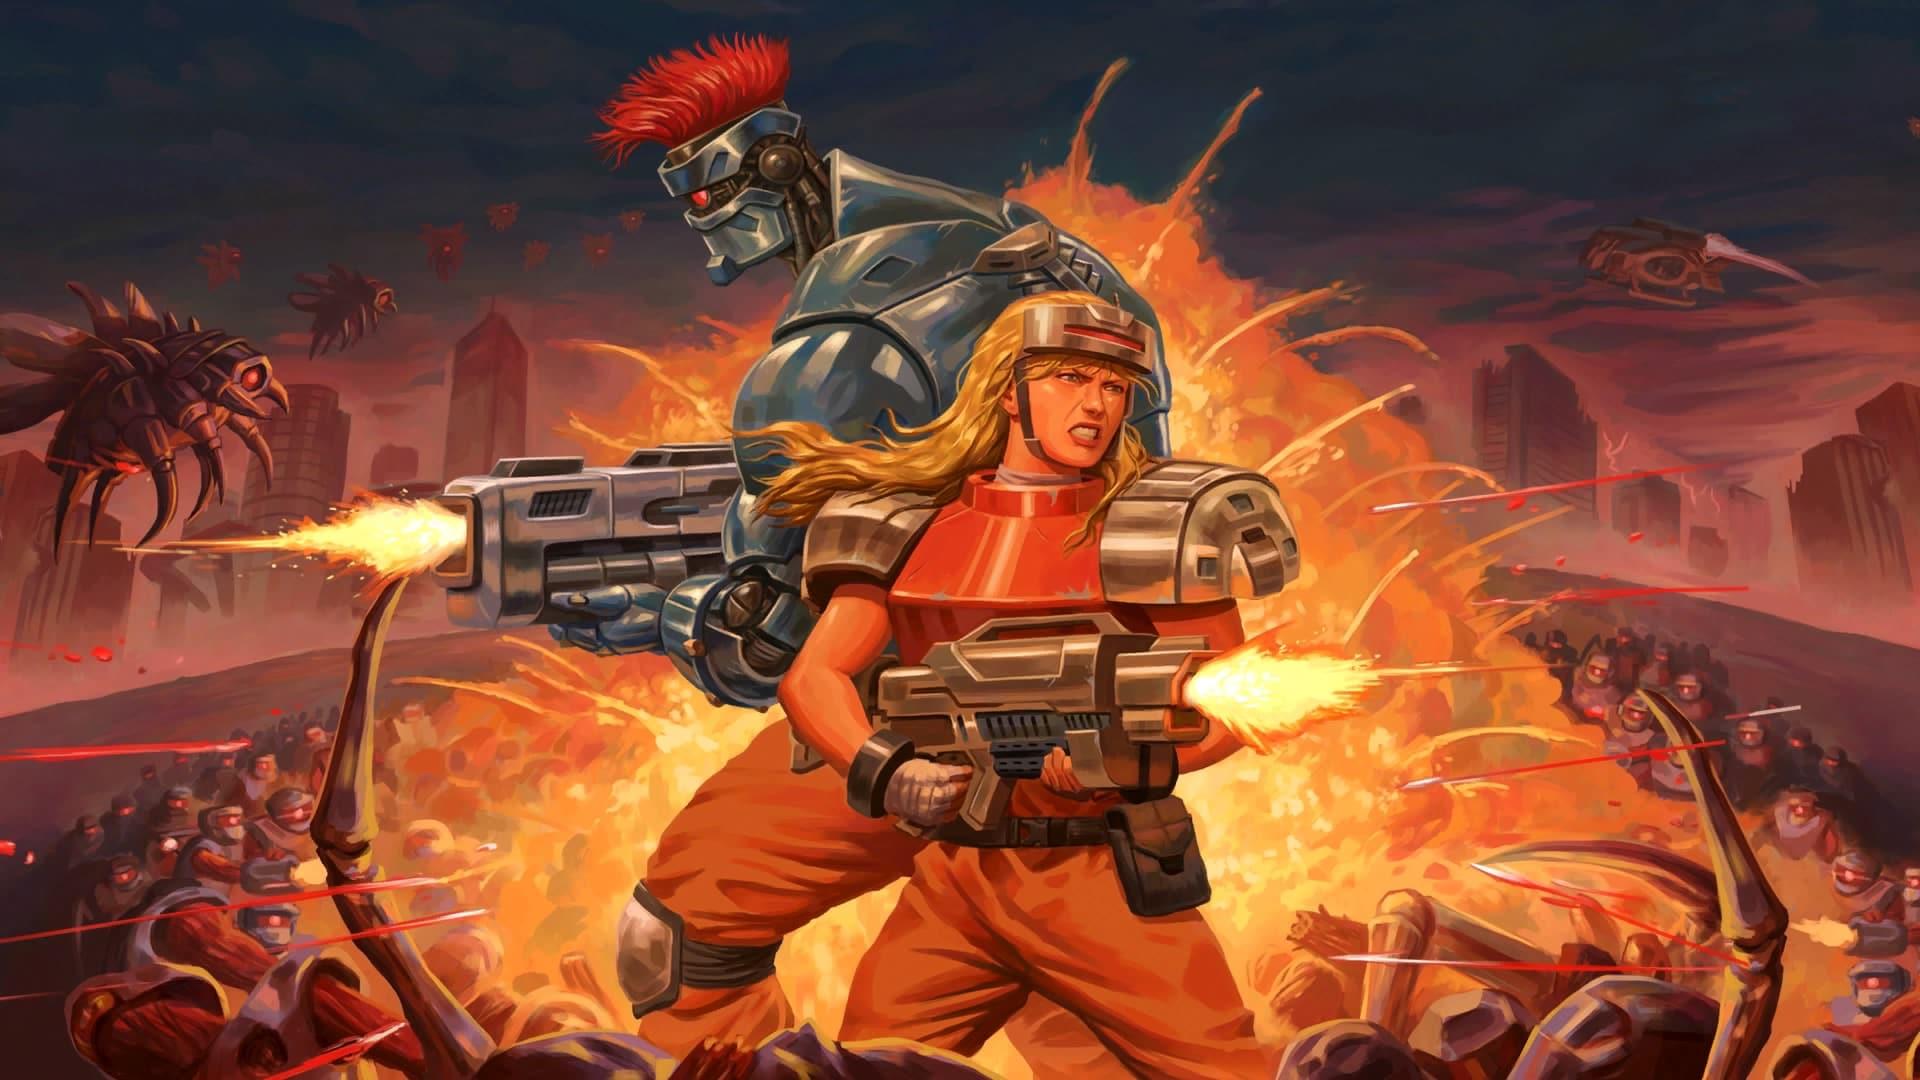 personnages de base du jeu blazing chrome